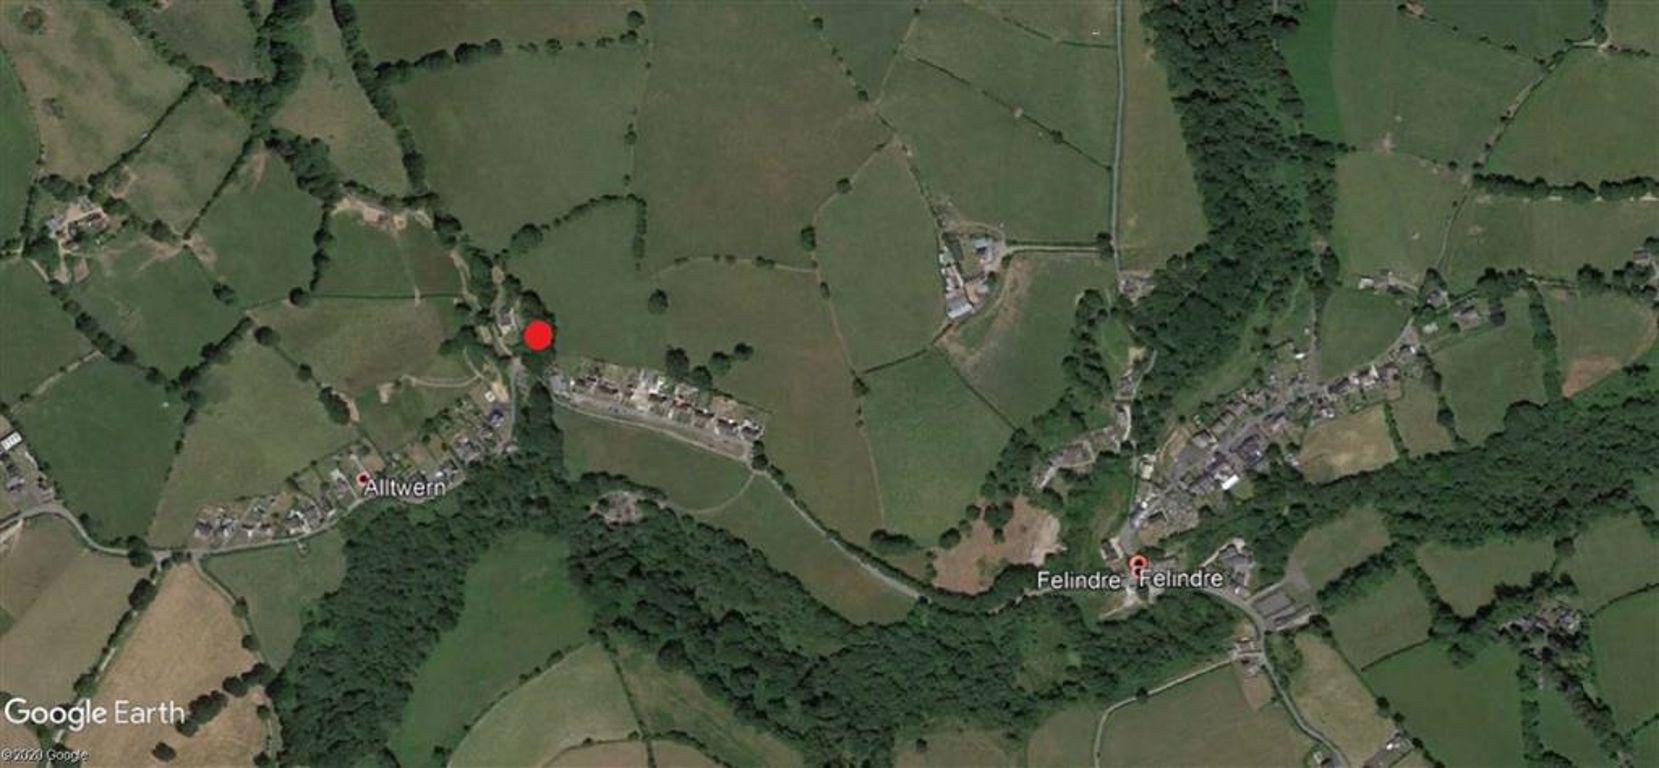 Bwlch Y Gwyn, Felindre, Swansea, Swansea, SA5 7PG